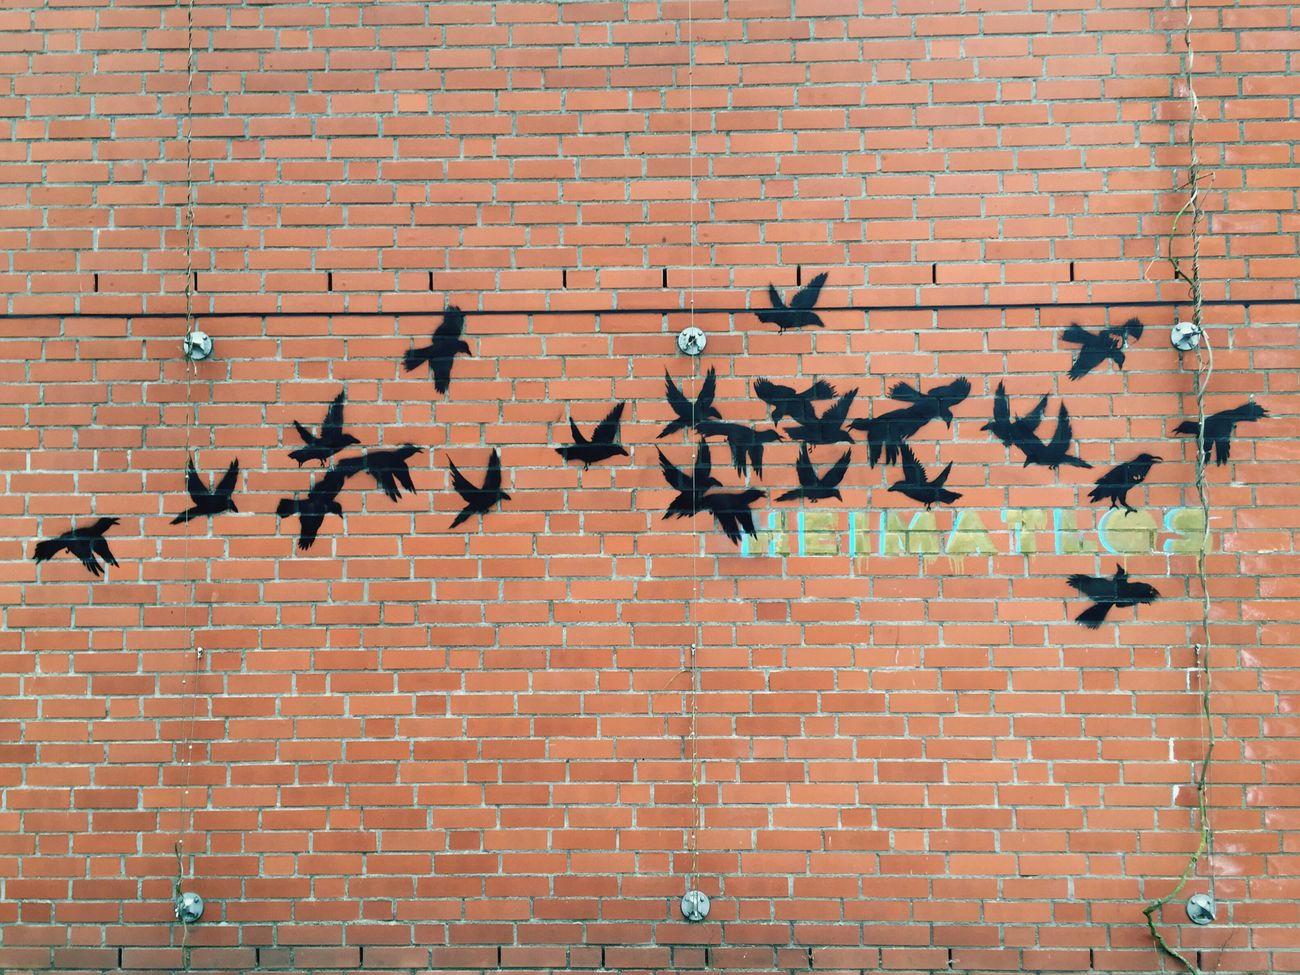 Heimat Heimatlos Bremen Streetart Stencil Hometown Homeless Birds